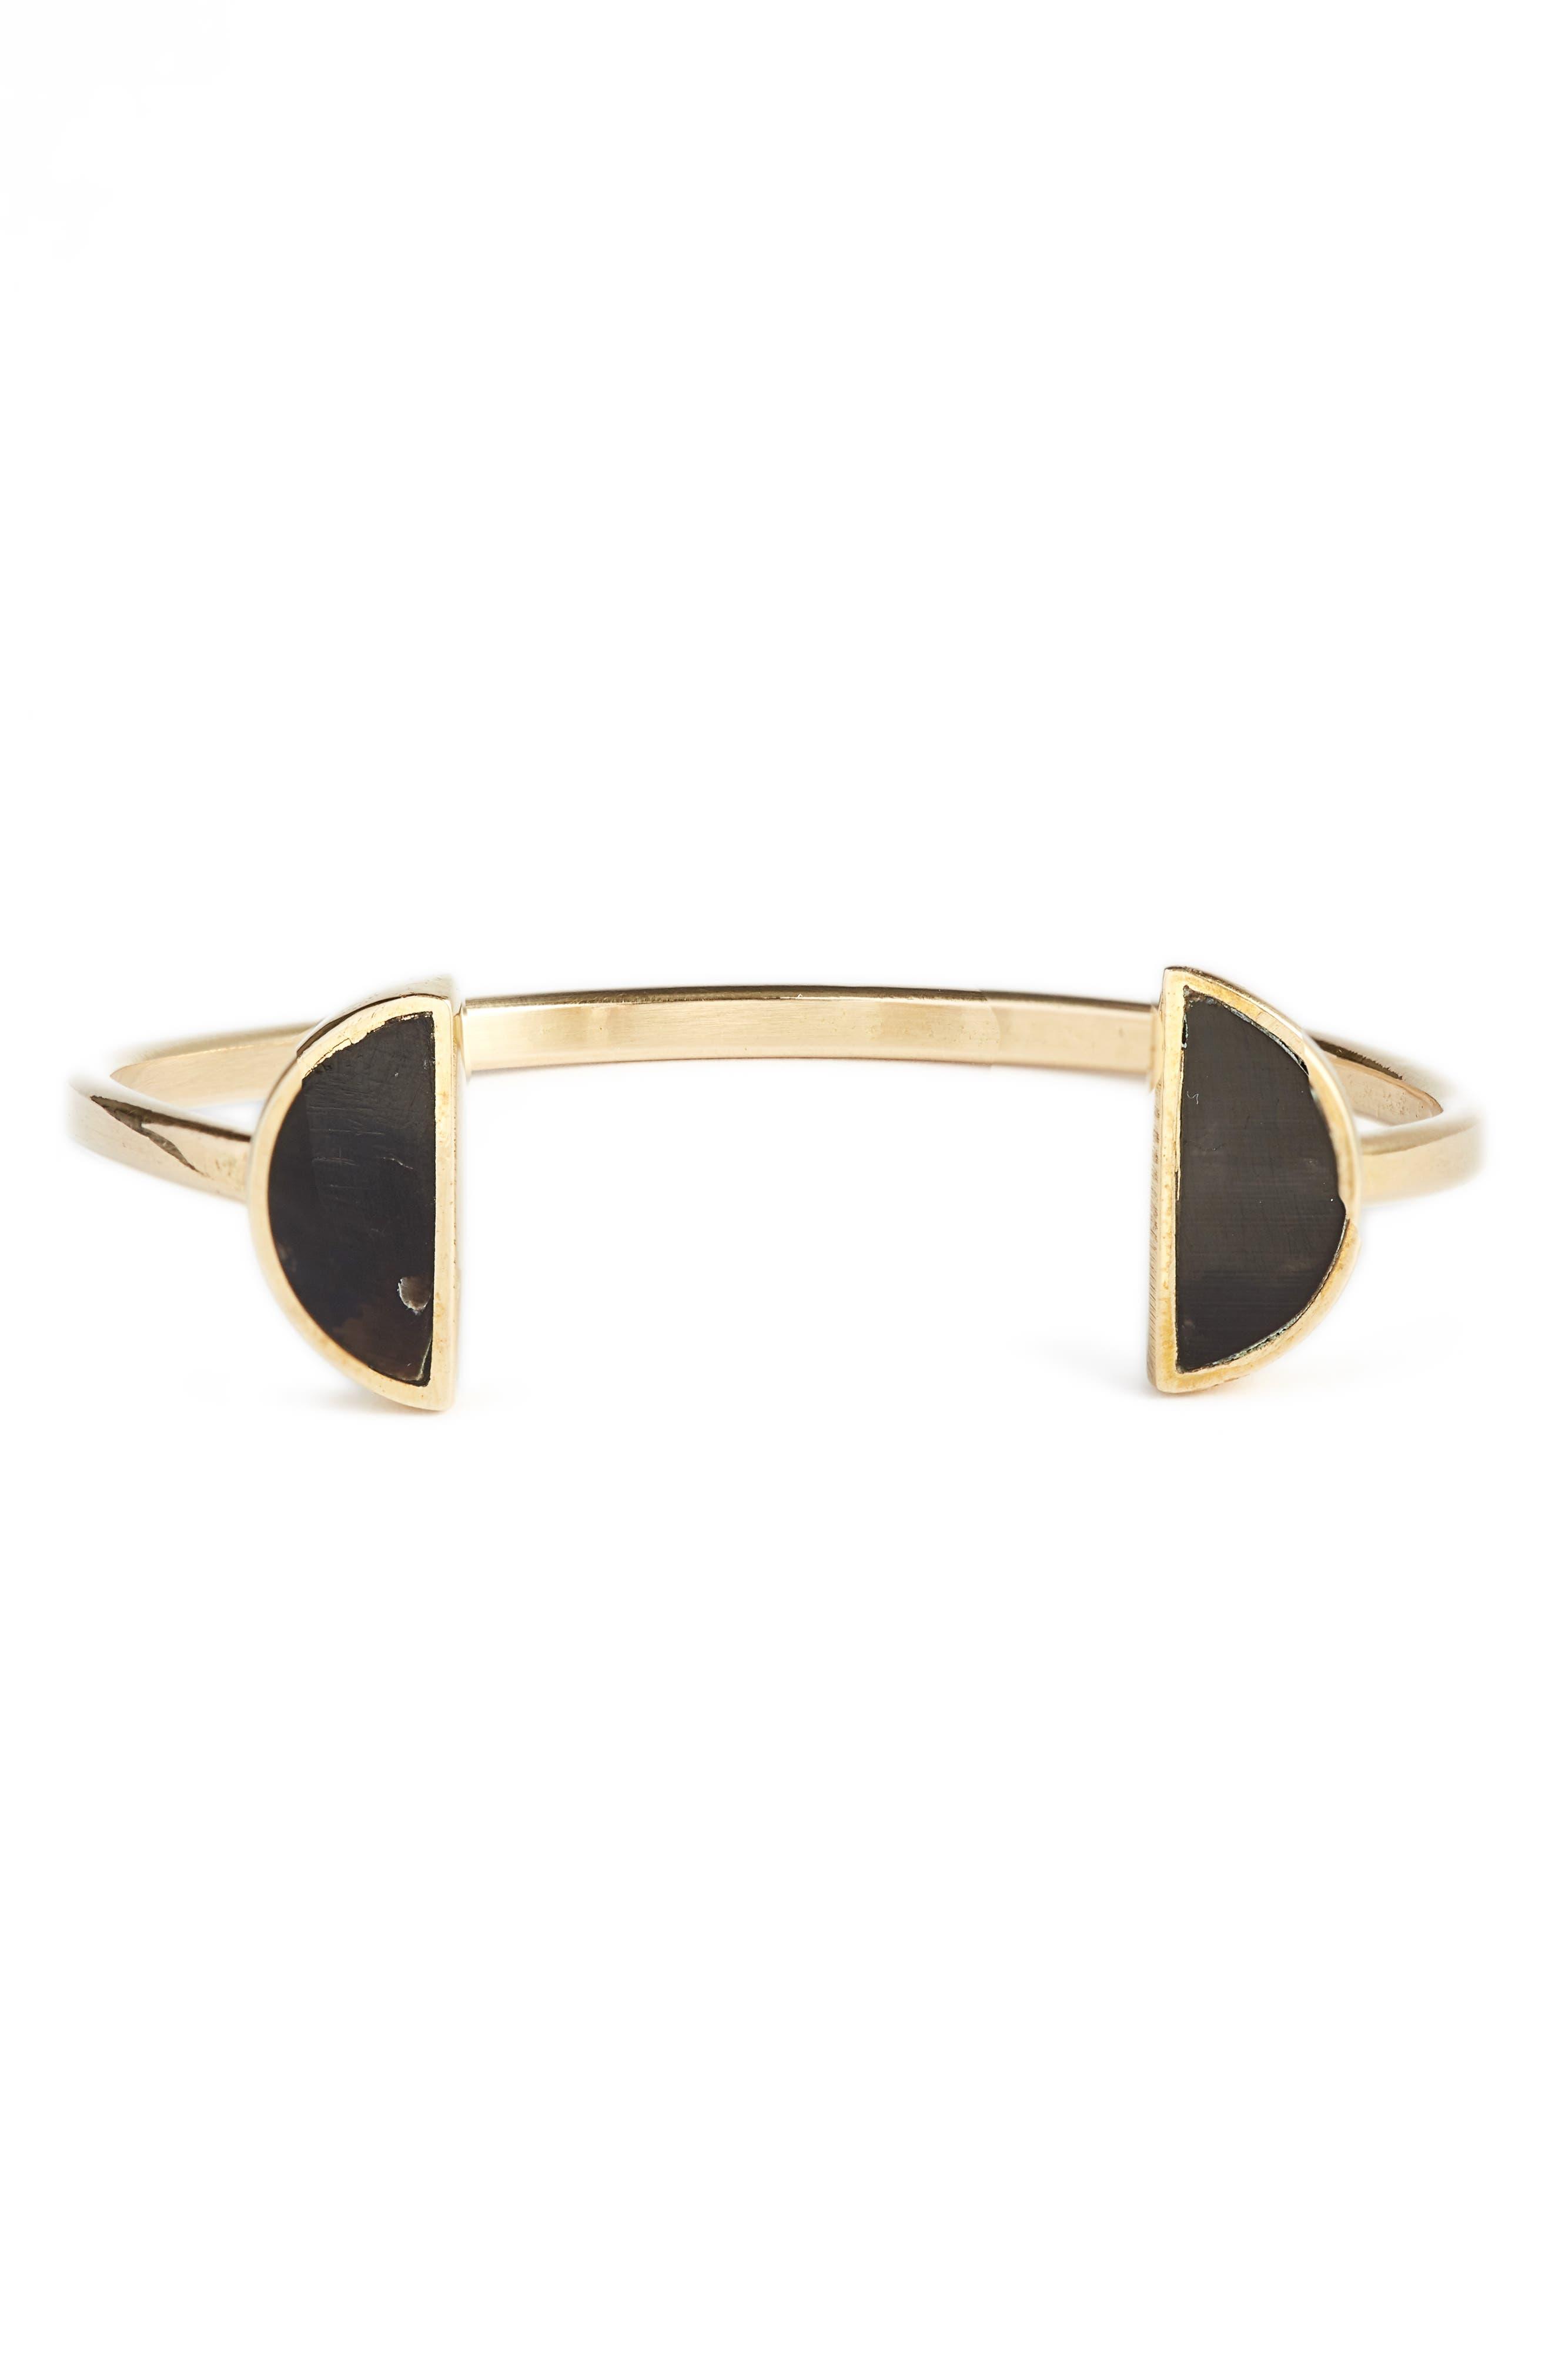 Soko Split Moon Cuff Bracelet